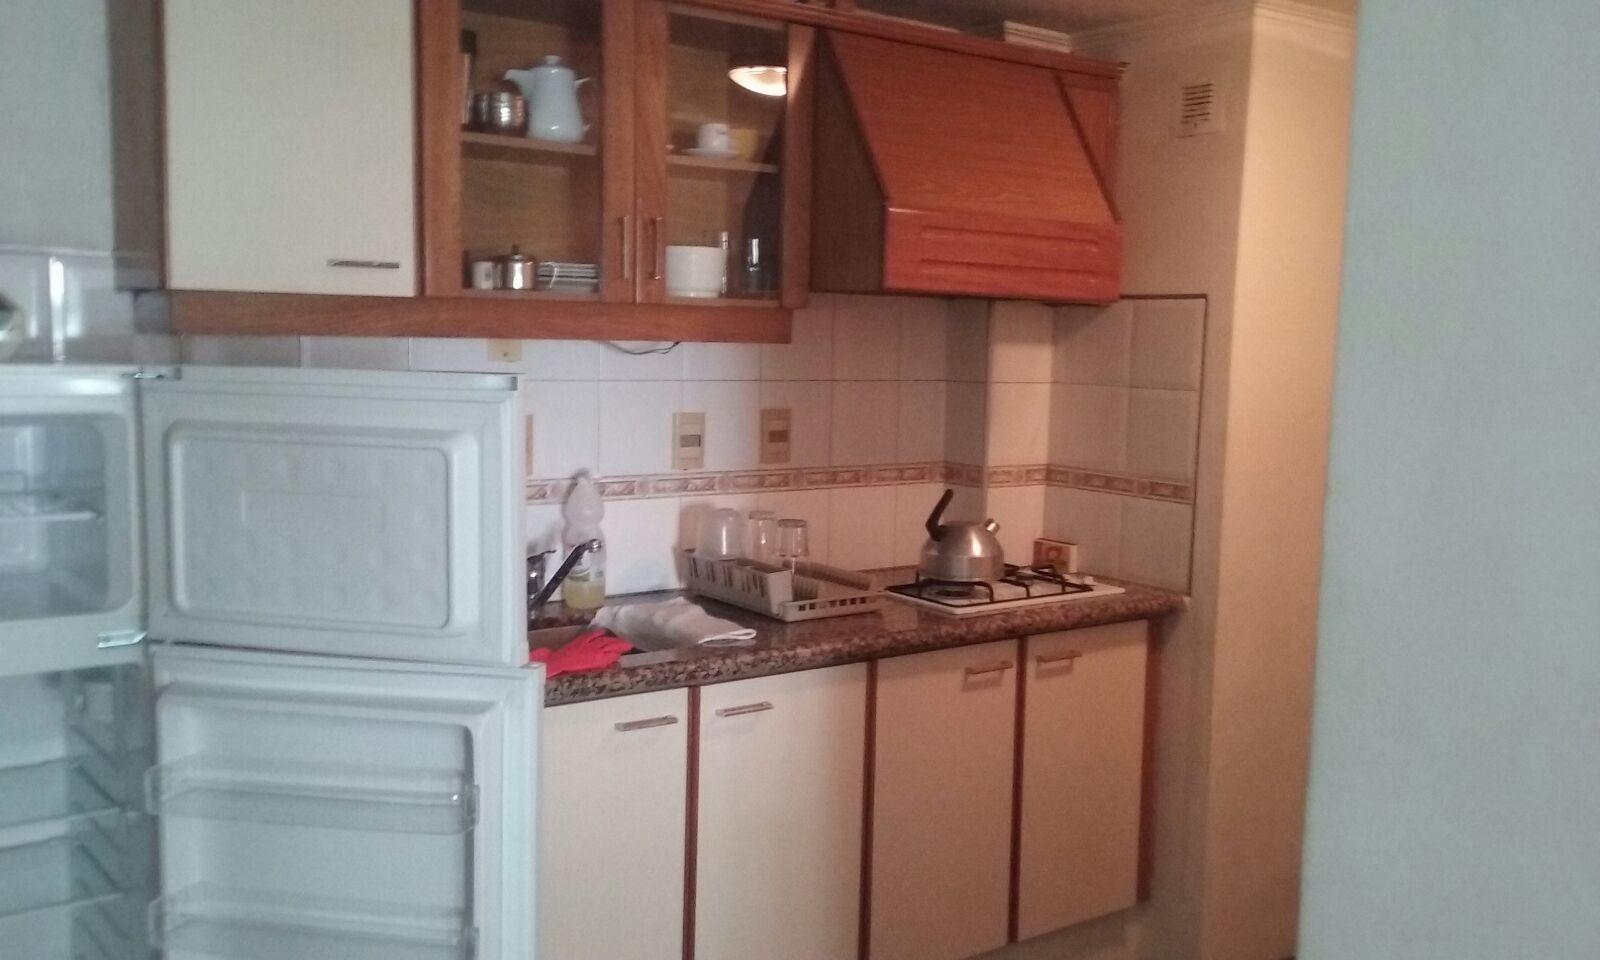 Alquiler Monoambiente Con Muebles Pocitos Ref E8cd9 Infocasas  # Avenida Muebles Uy